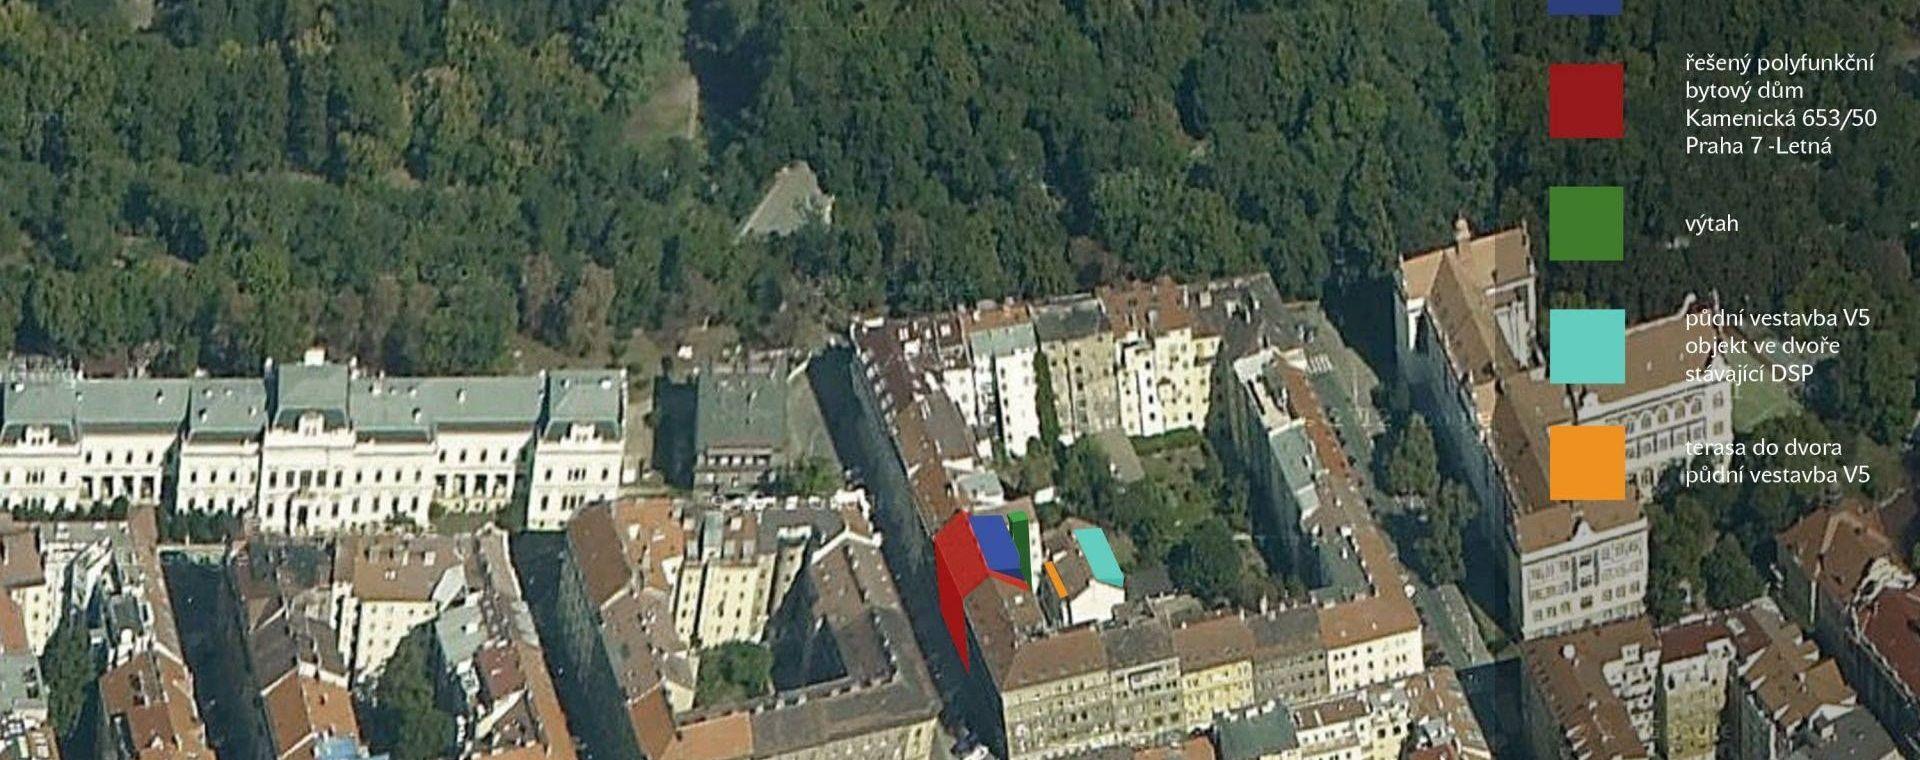 Rekonstrukce bytů B v ulici Kamenická - vnitroblok, Praha 7, 2012-2015, CZ